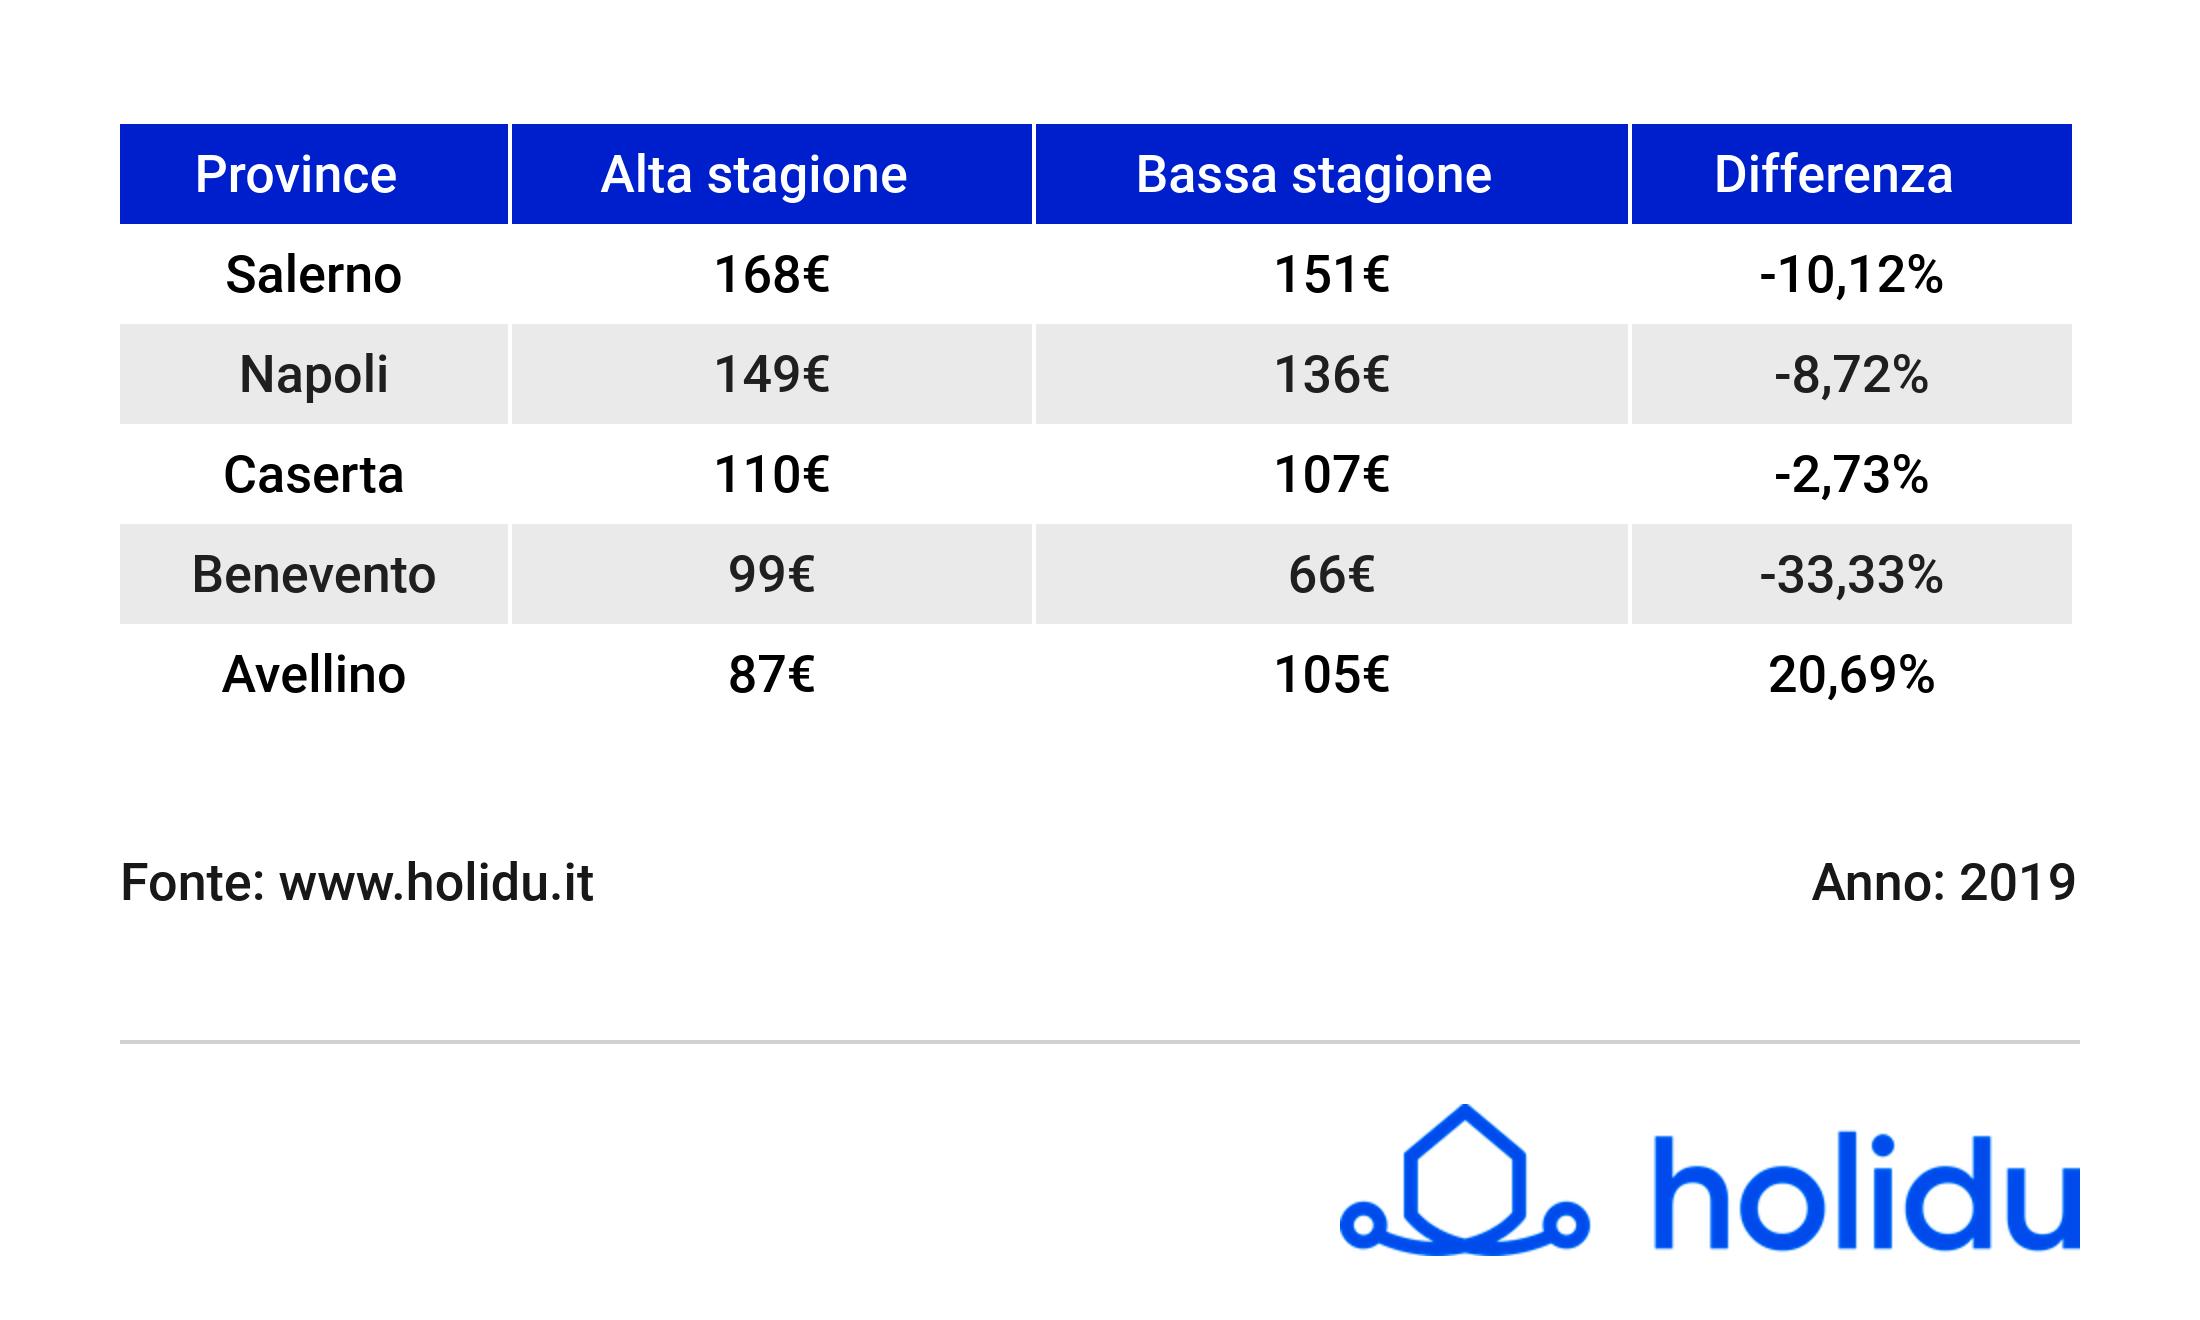 prezzi-estate-2019-province_campania_giu_19_holidu-2